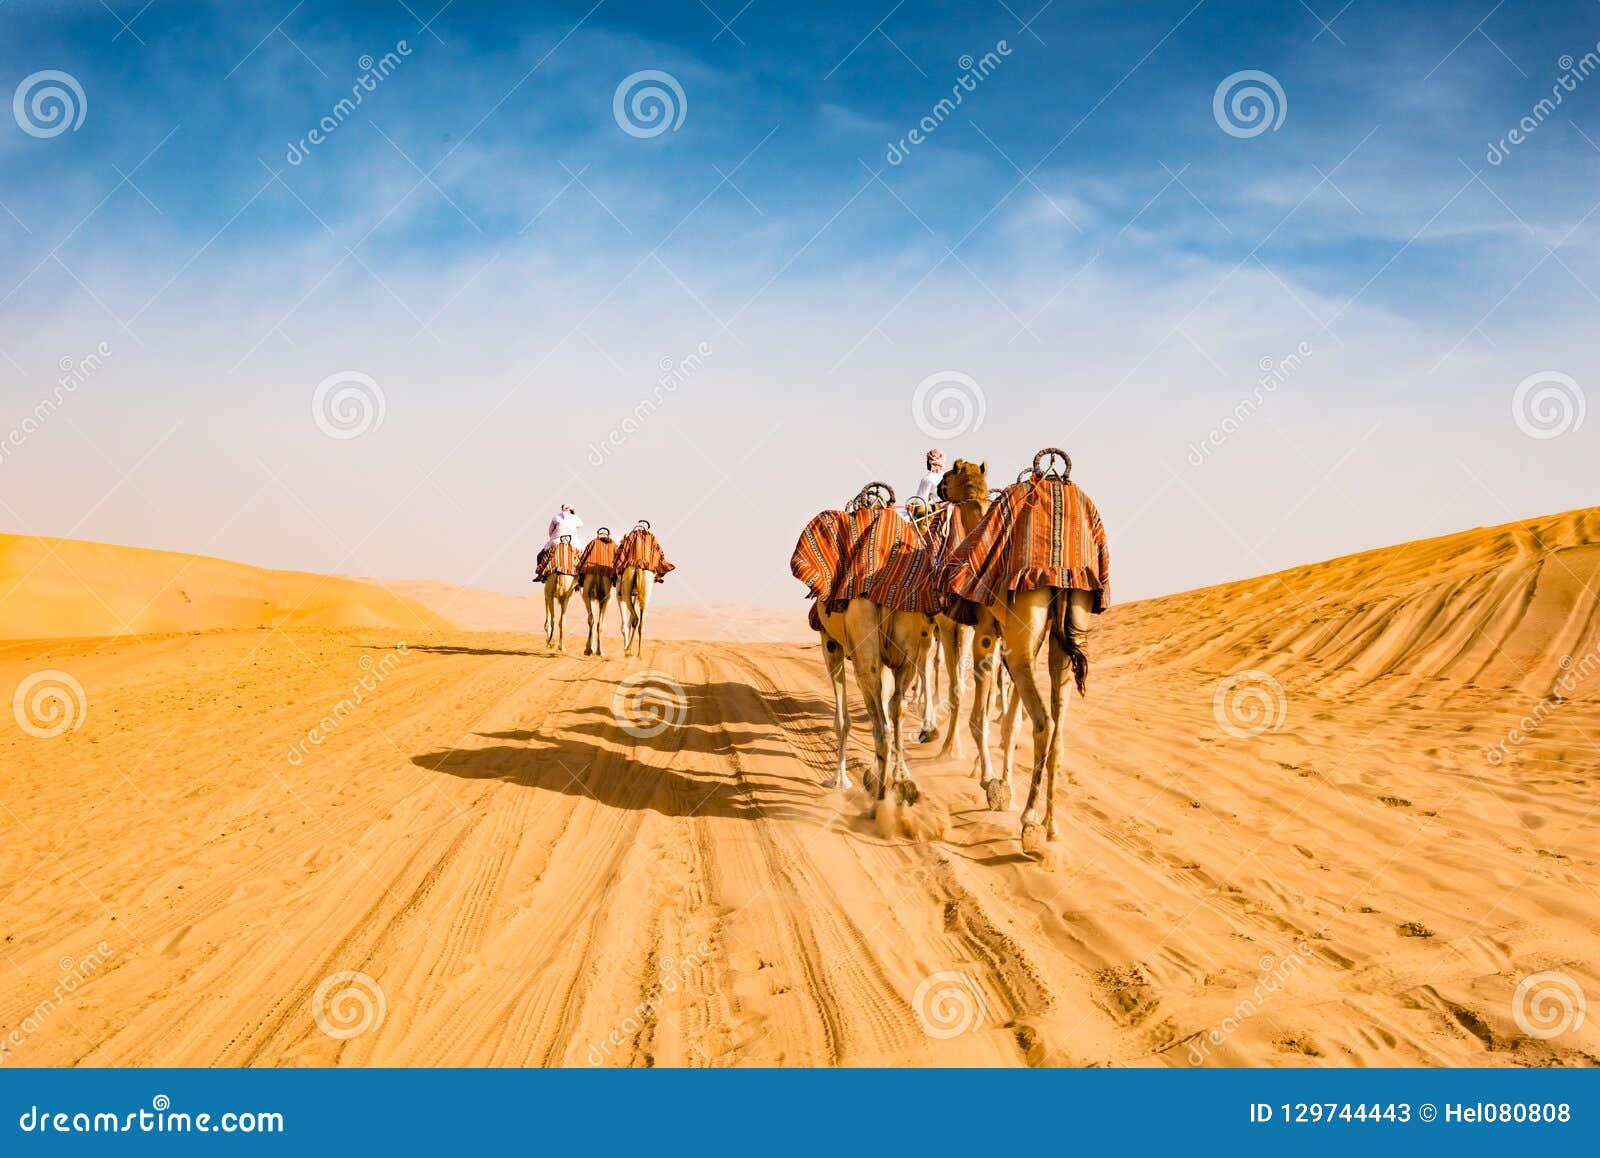 Chameaux arabes dans le désert d Abu Dhabi, U a E ,